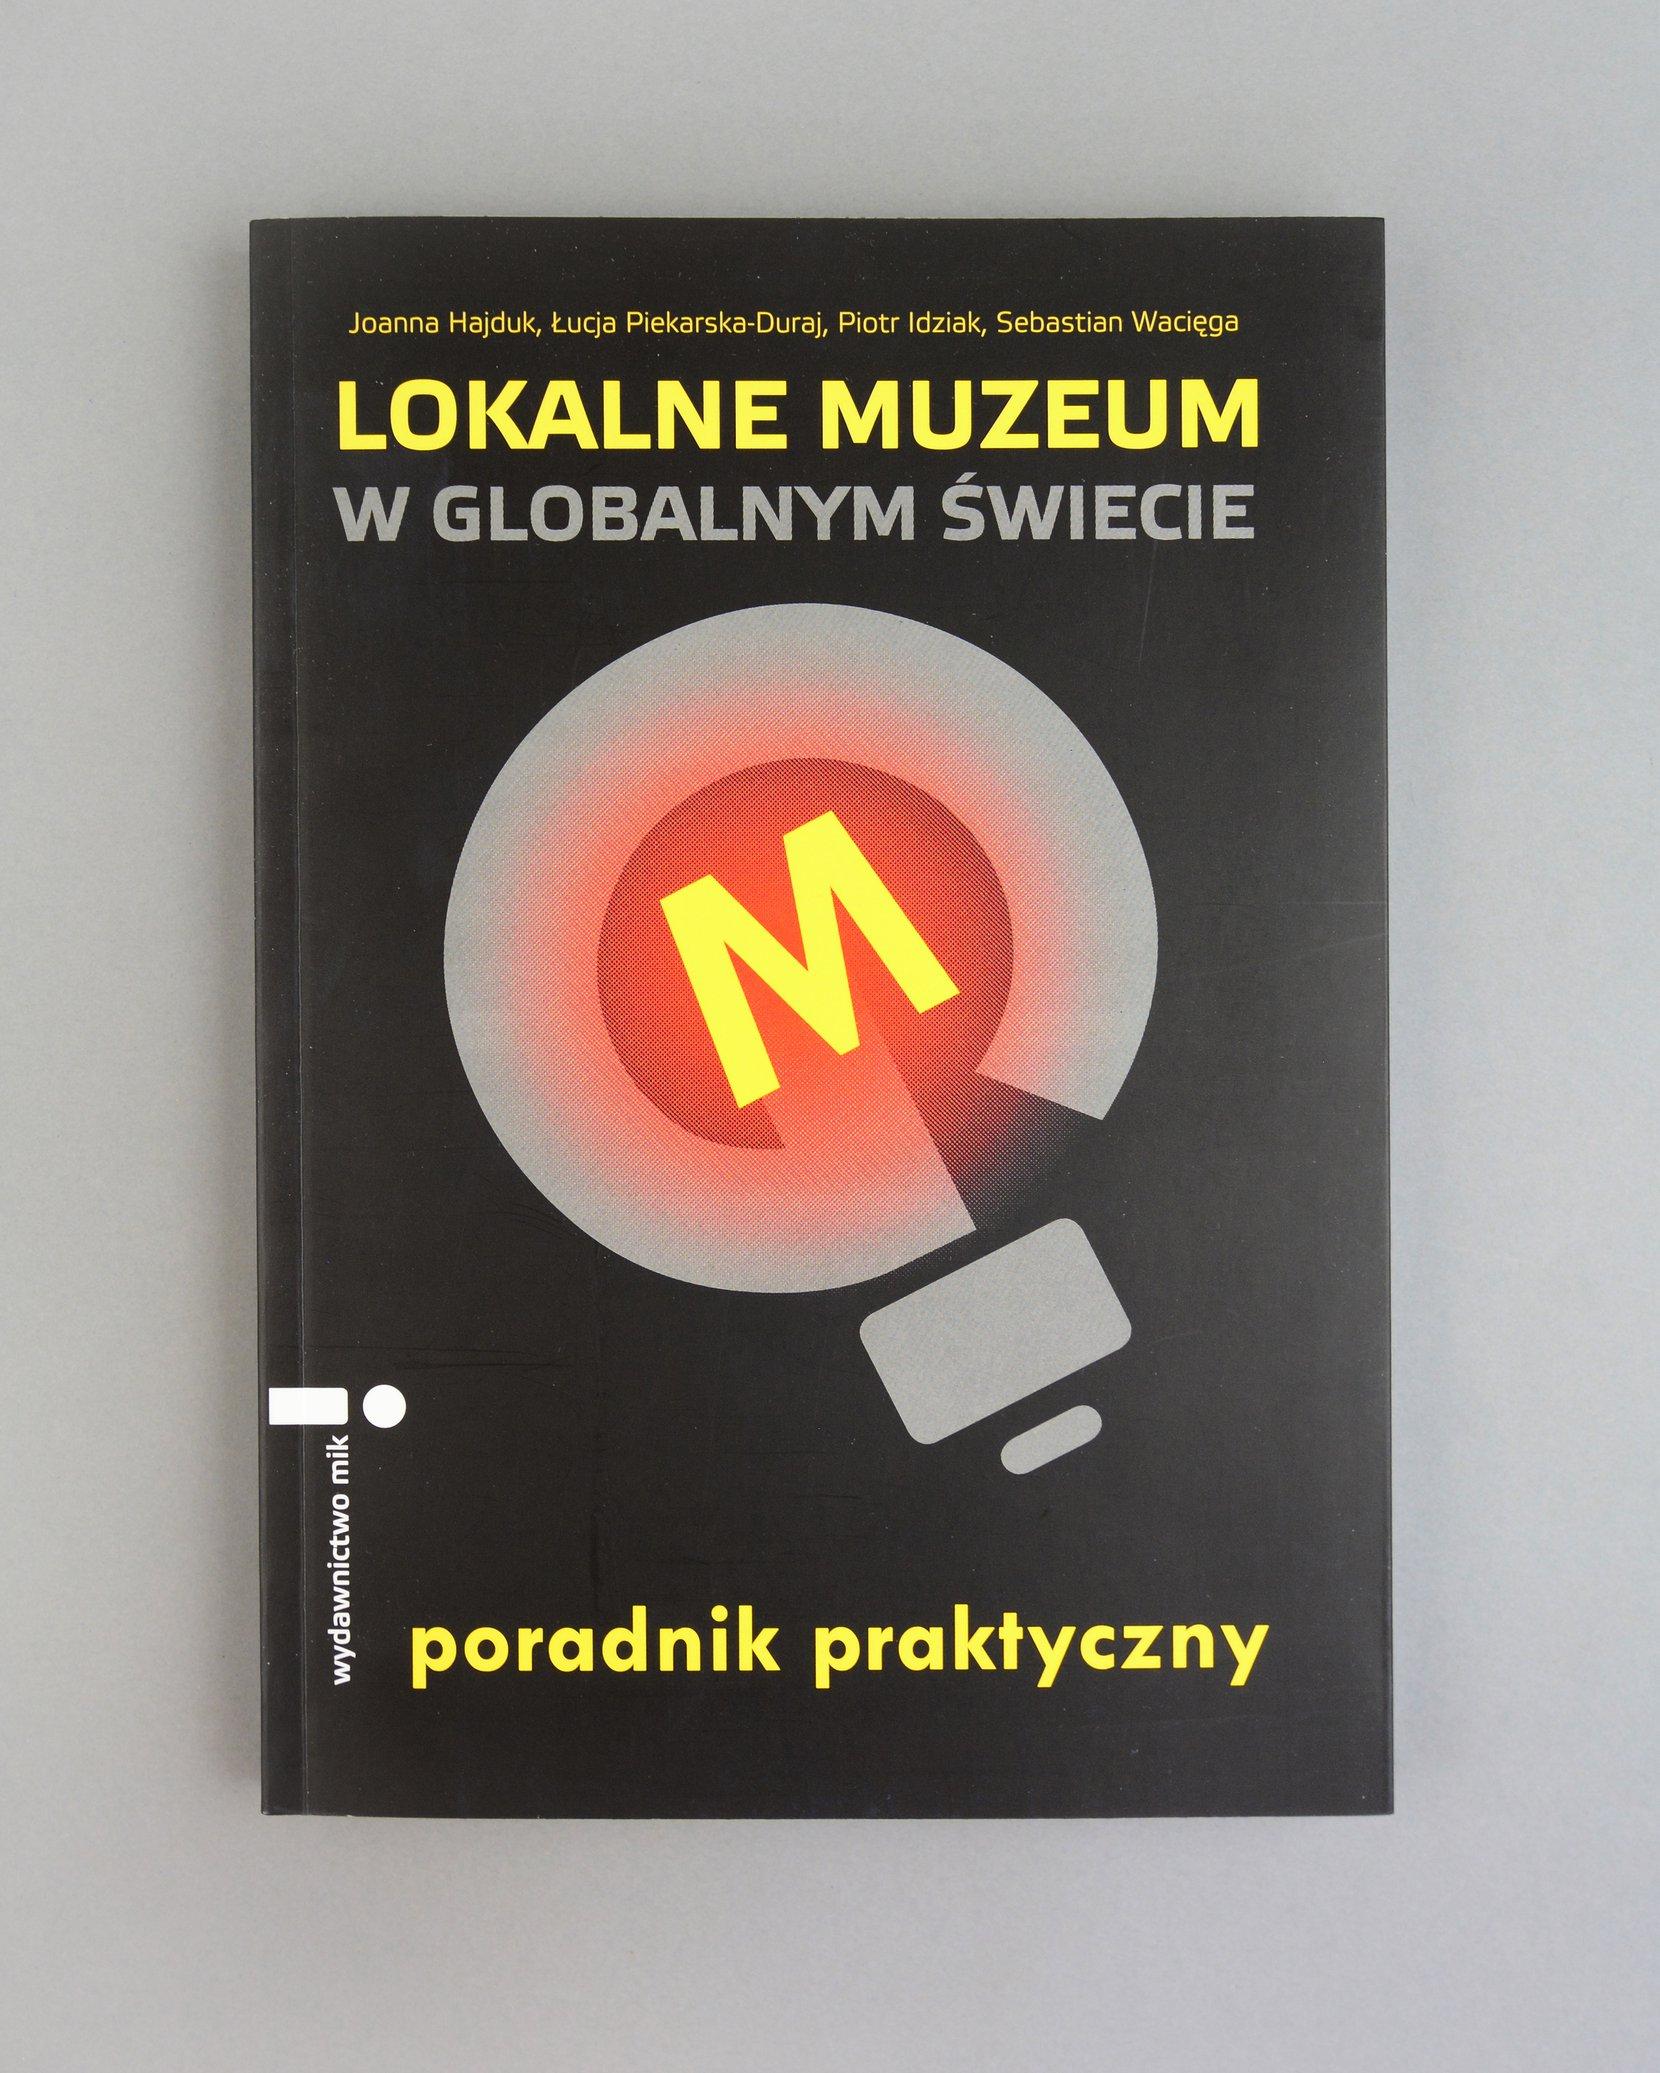 lokalne muzeum w globalnym świecie, joanna hajduk, łucja piekarska-duraj books history Joanna Hajduk, Łucja Piekarska-Duraj